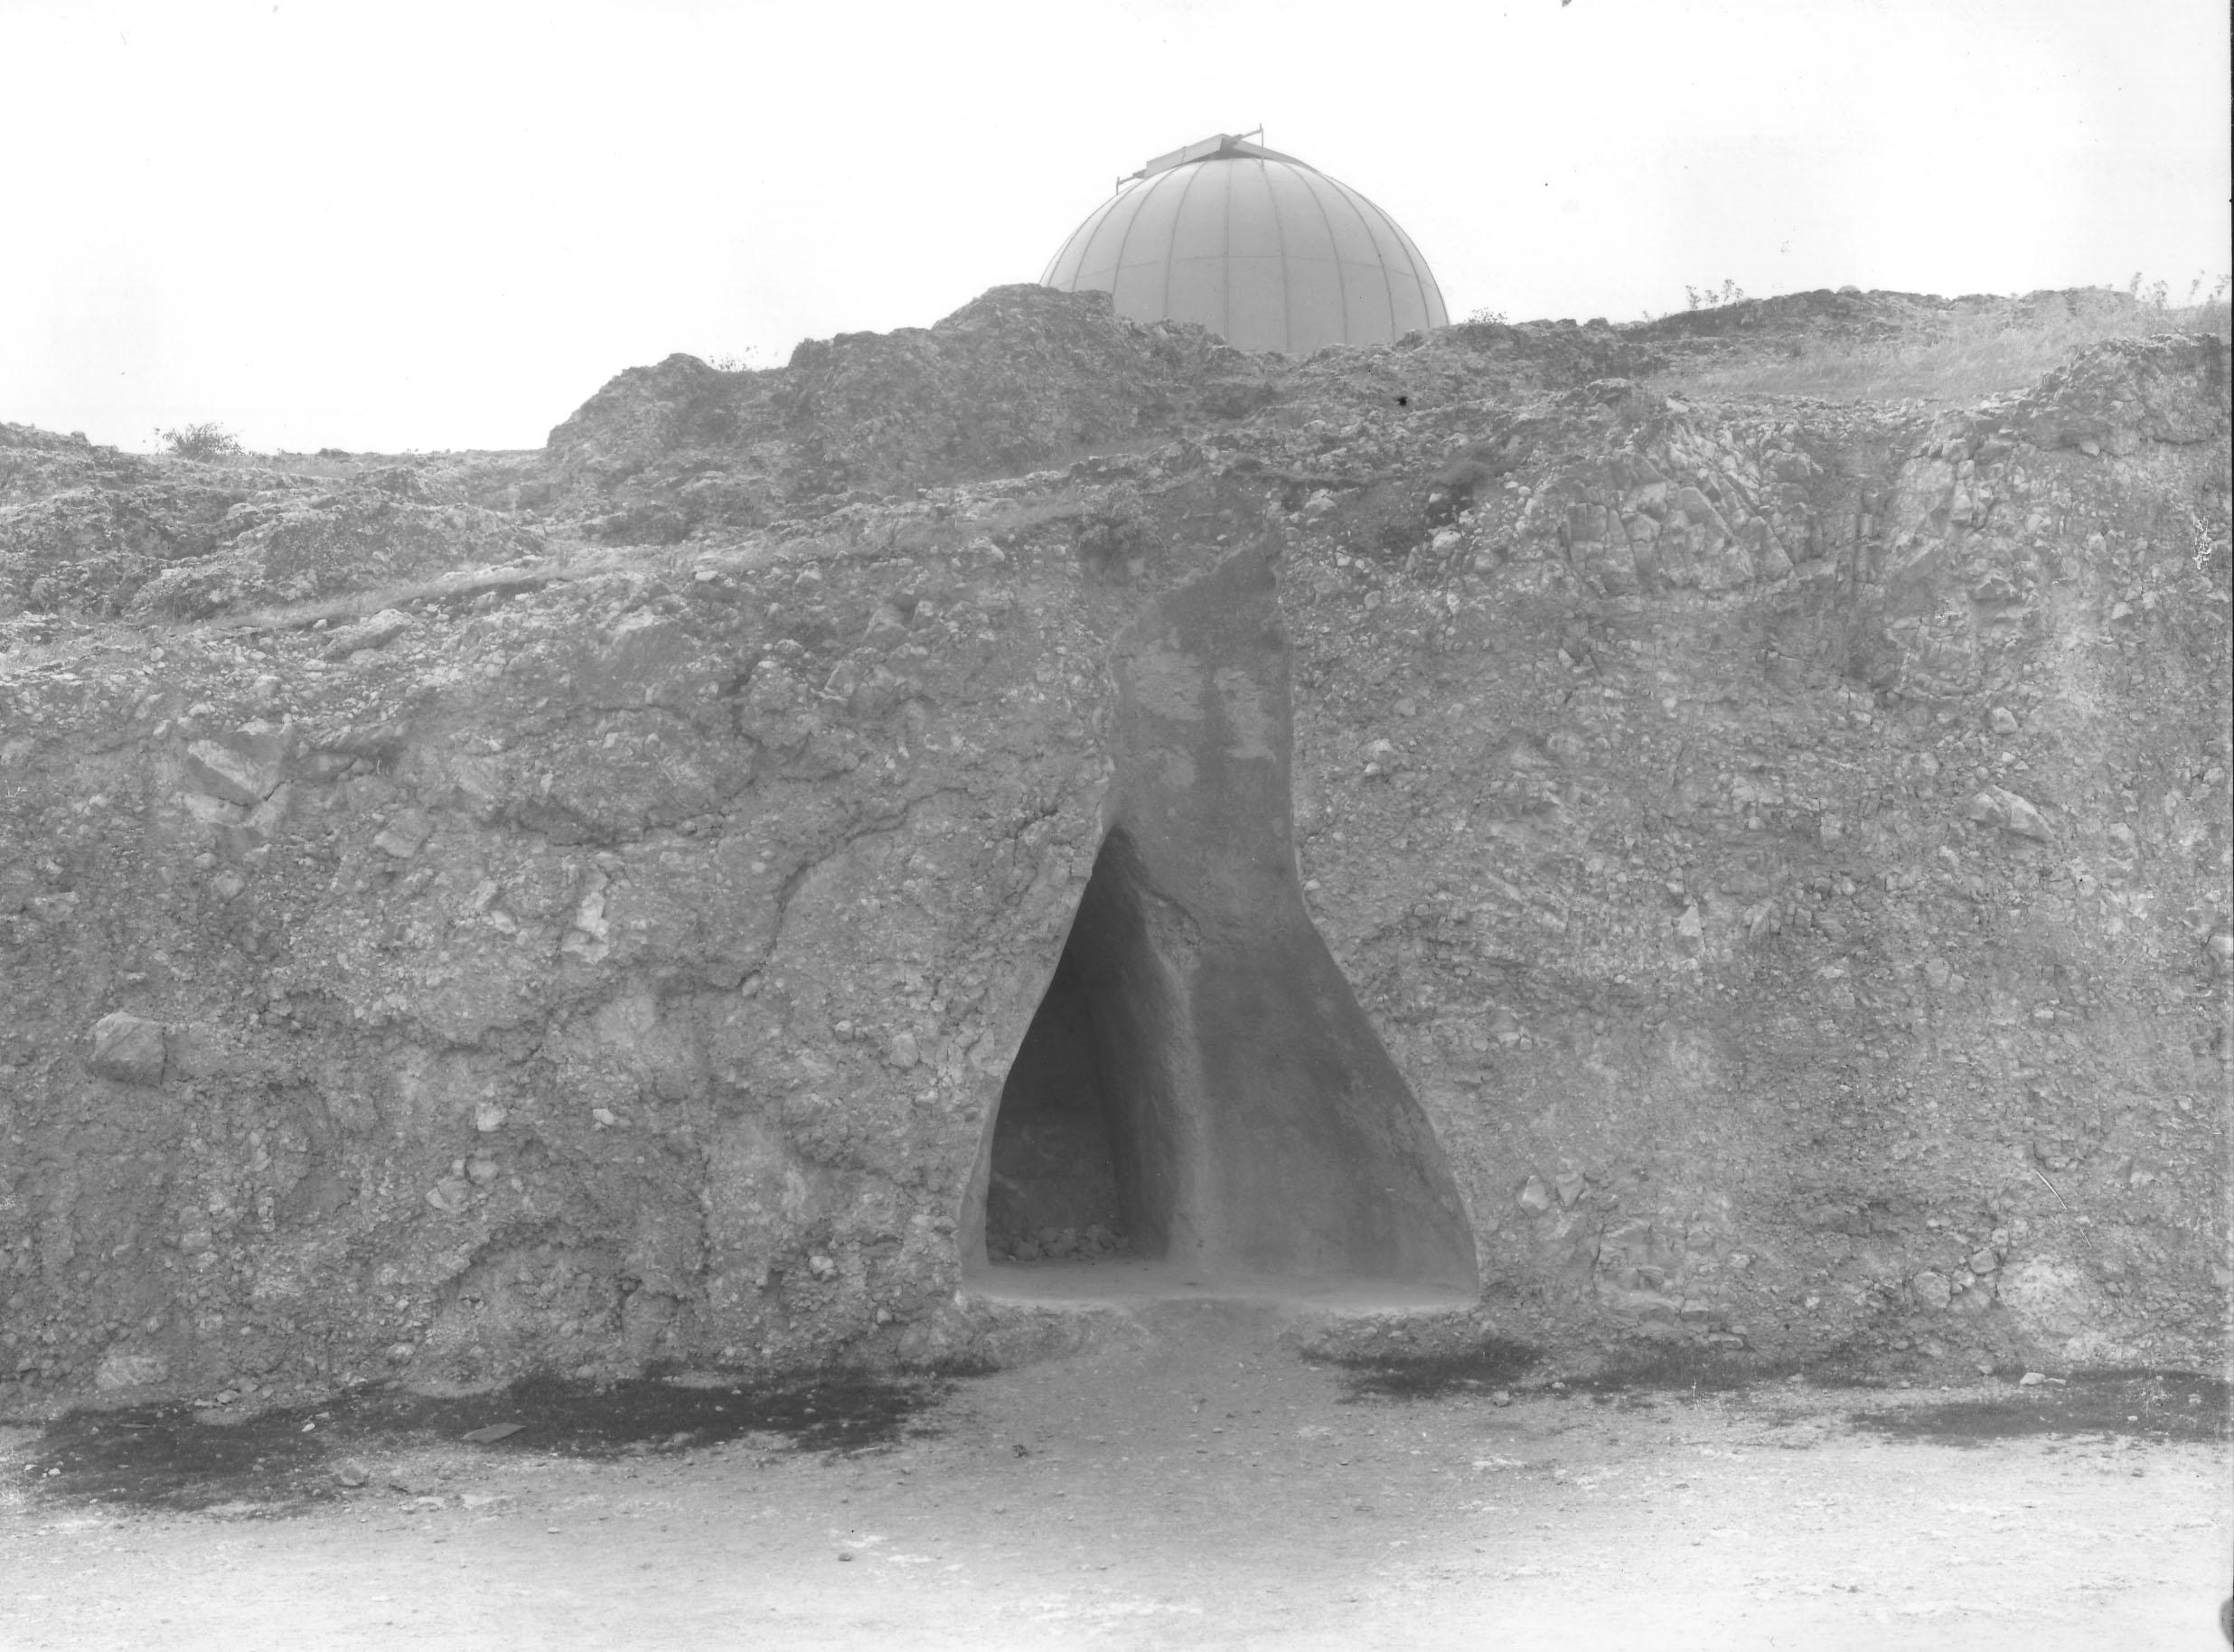 Το εσωτερικό υπόγειας απιόσχημης δεξαμενής, που σήμερα είναι αφανής (Nicholson Museum, Professor W.J. Woodhouse Collection).